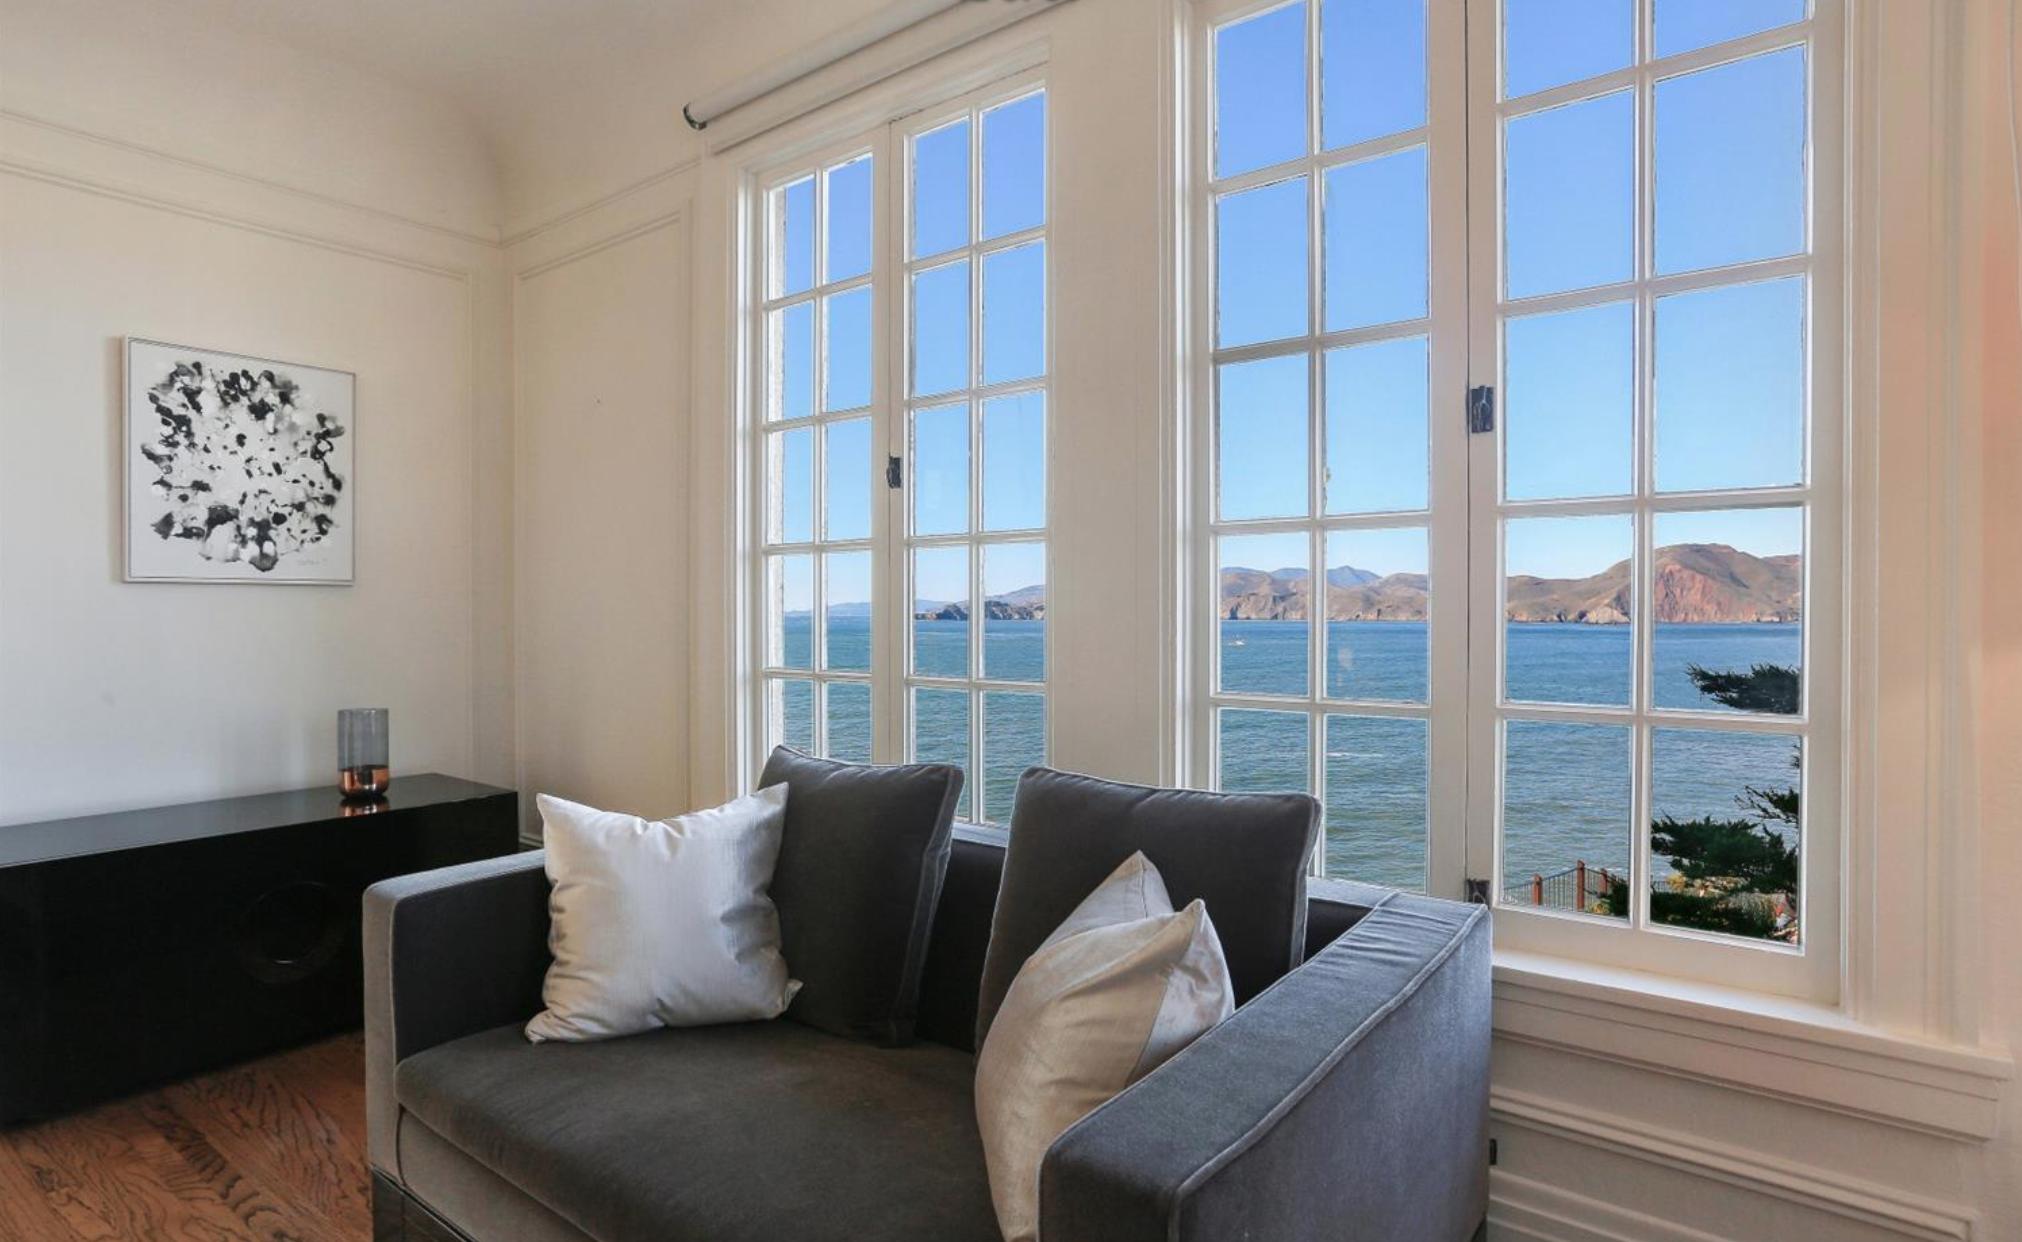 308 Sea Cliff Avenue - Master Bedroom Views